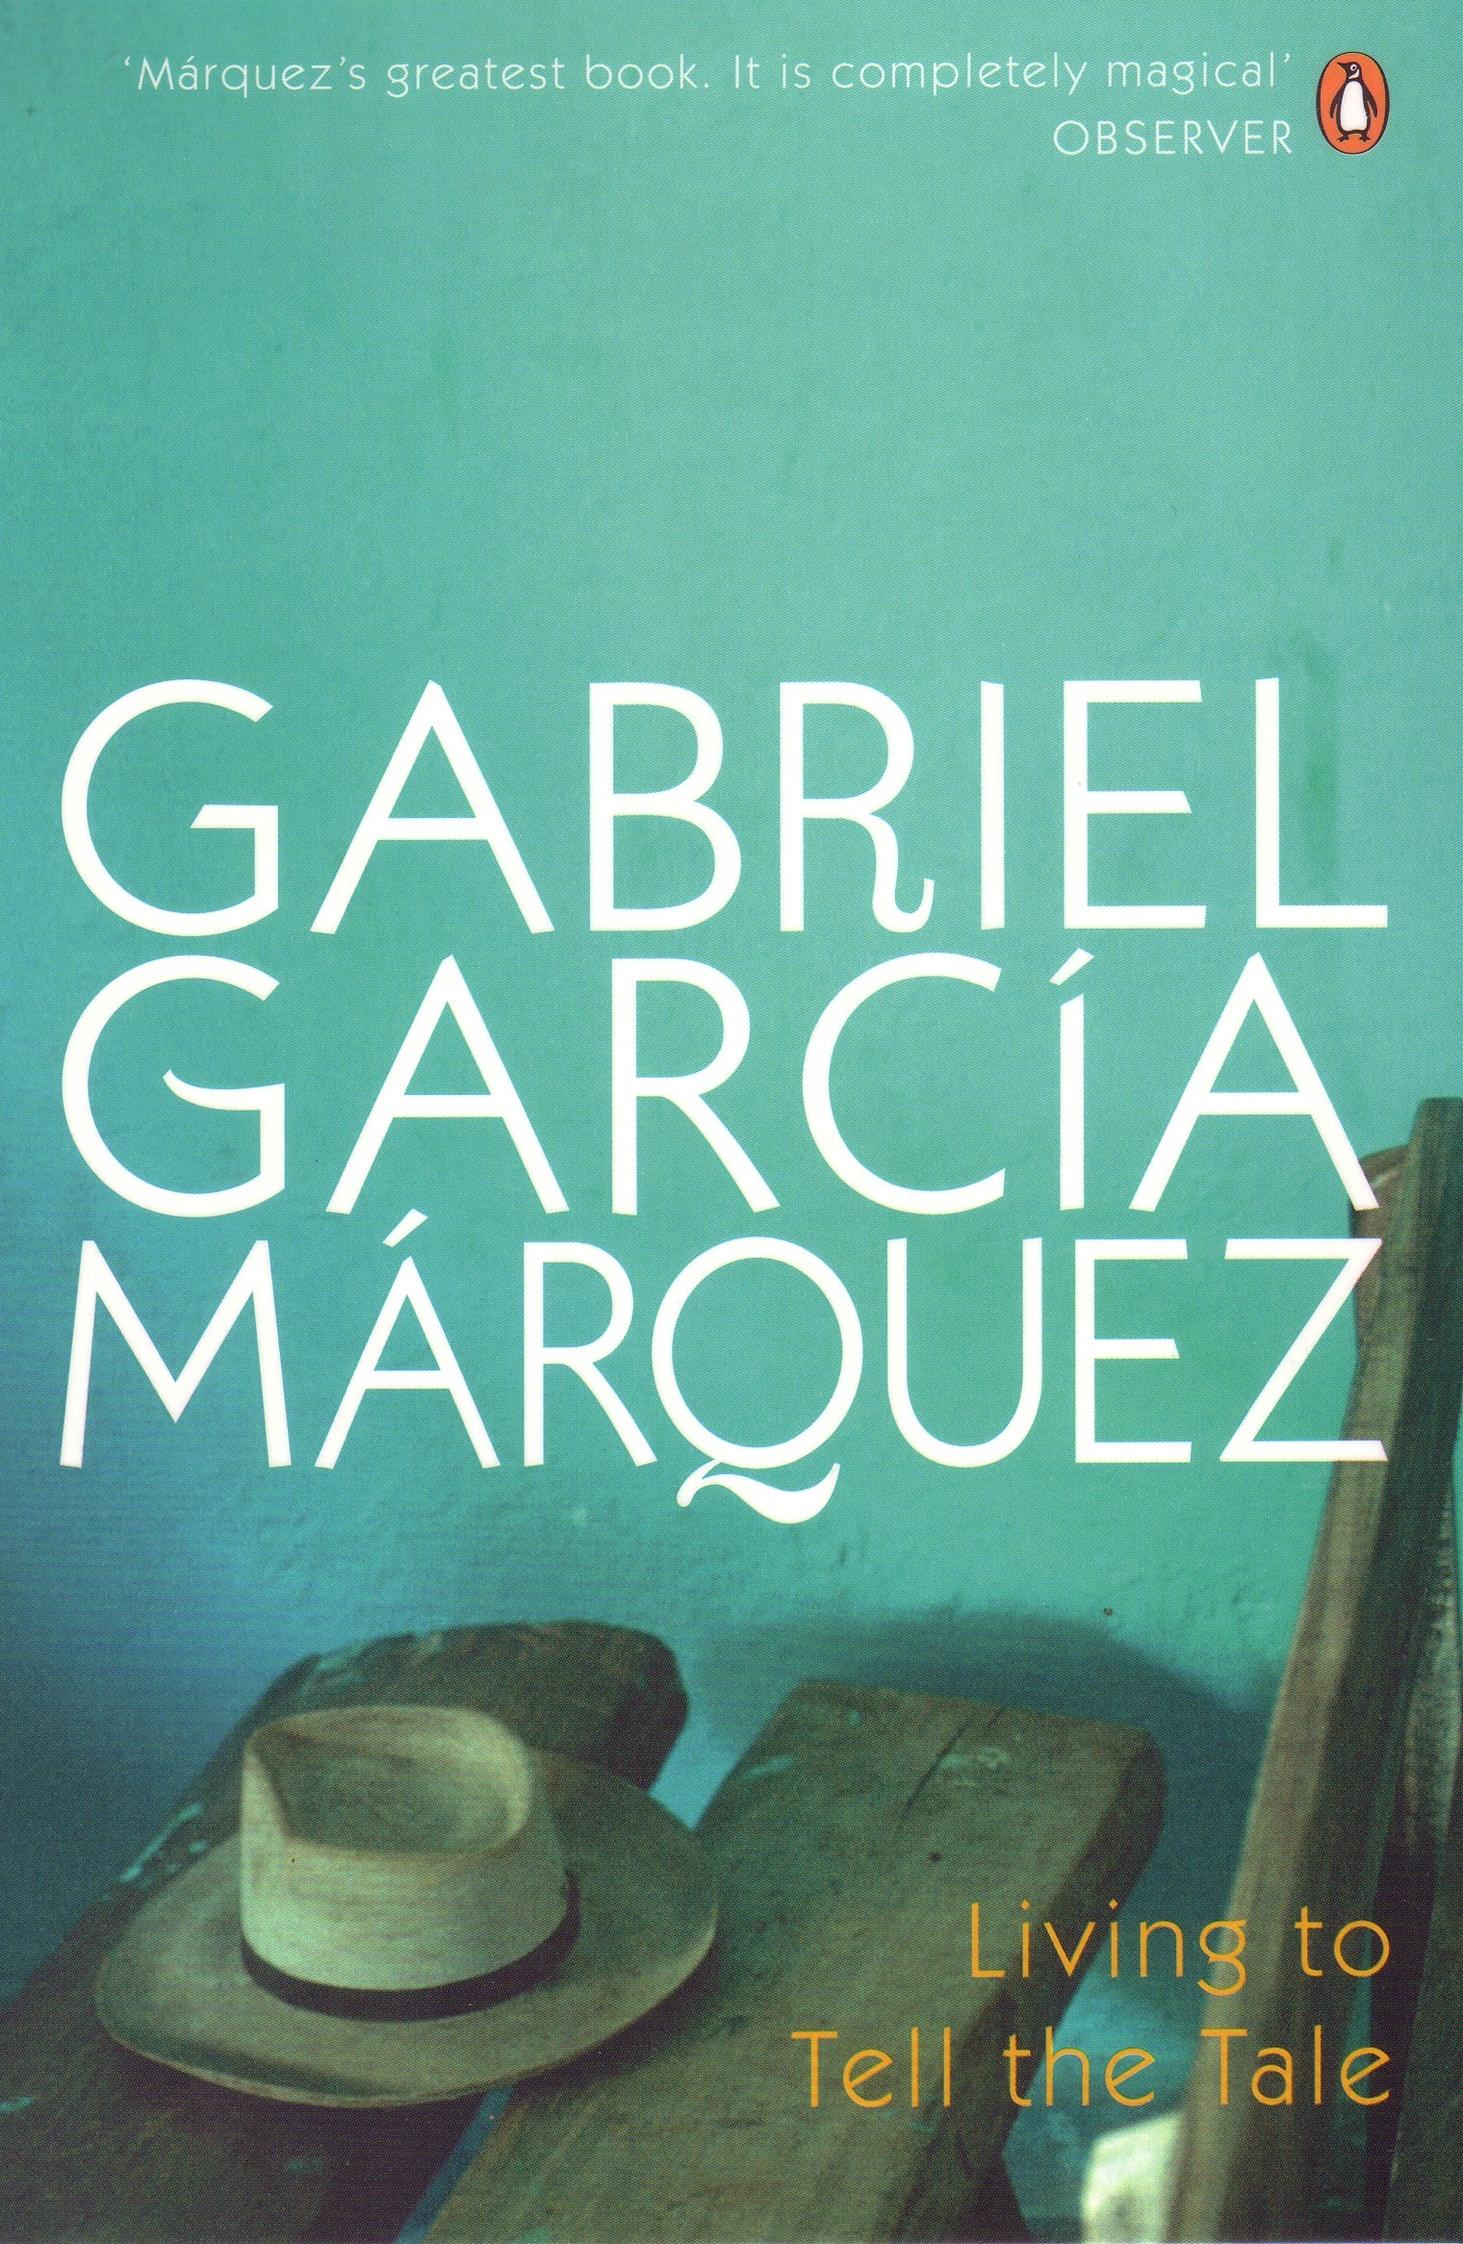 gabriel garcia marquez biography essay school amazingka gabriel garcia marquez biography essay